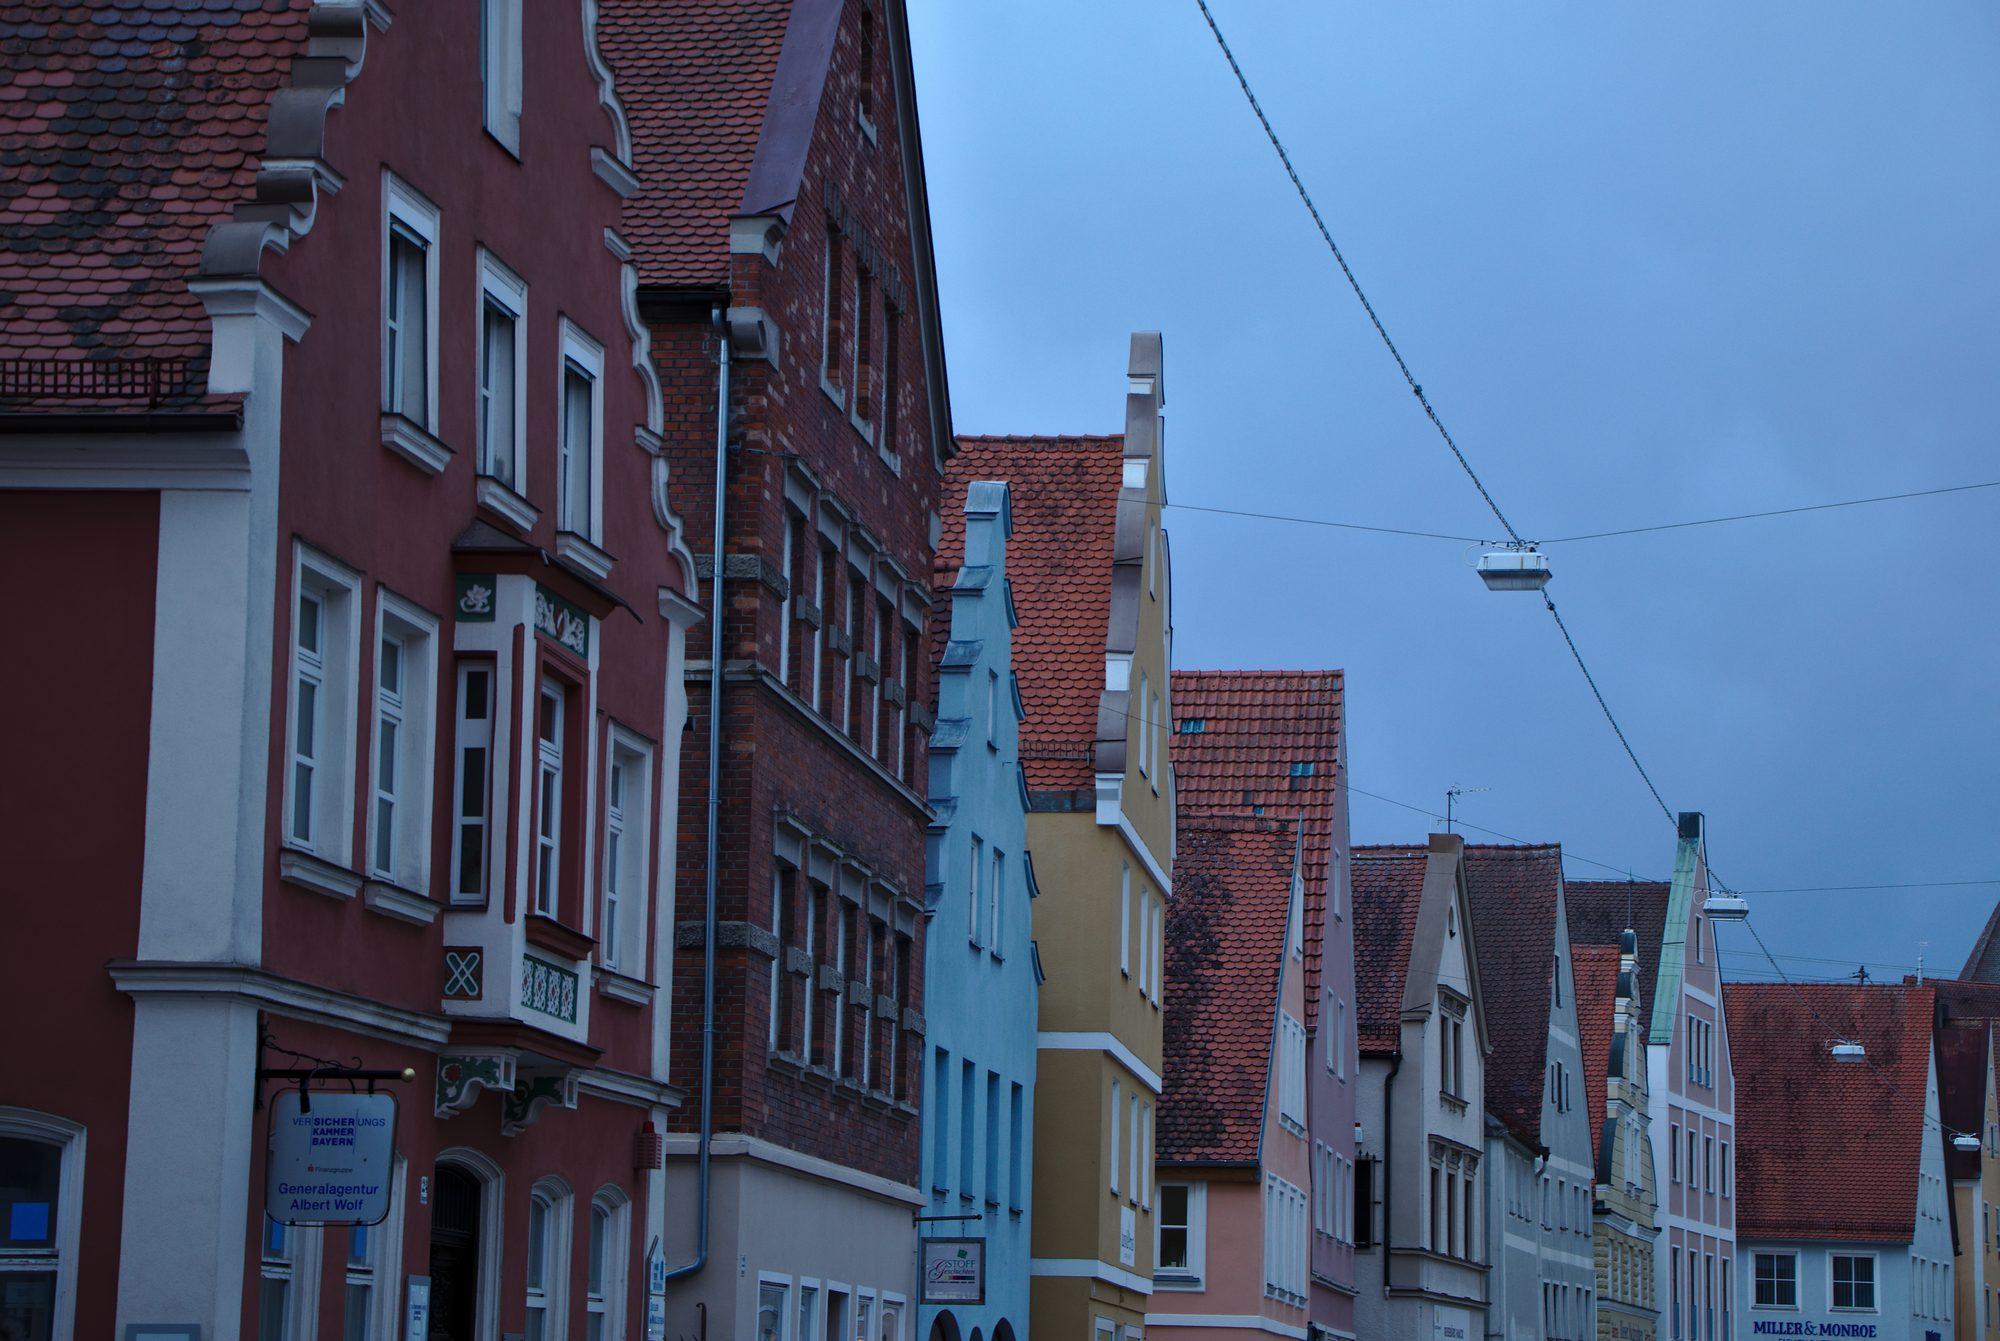 Häuserzeile in der Altstadt von Nördlingen